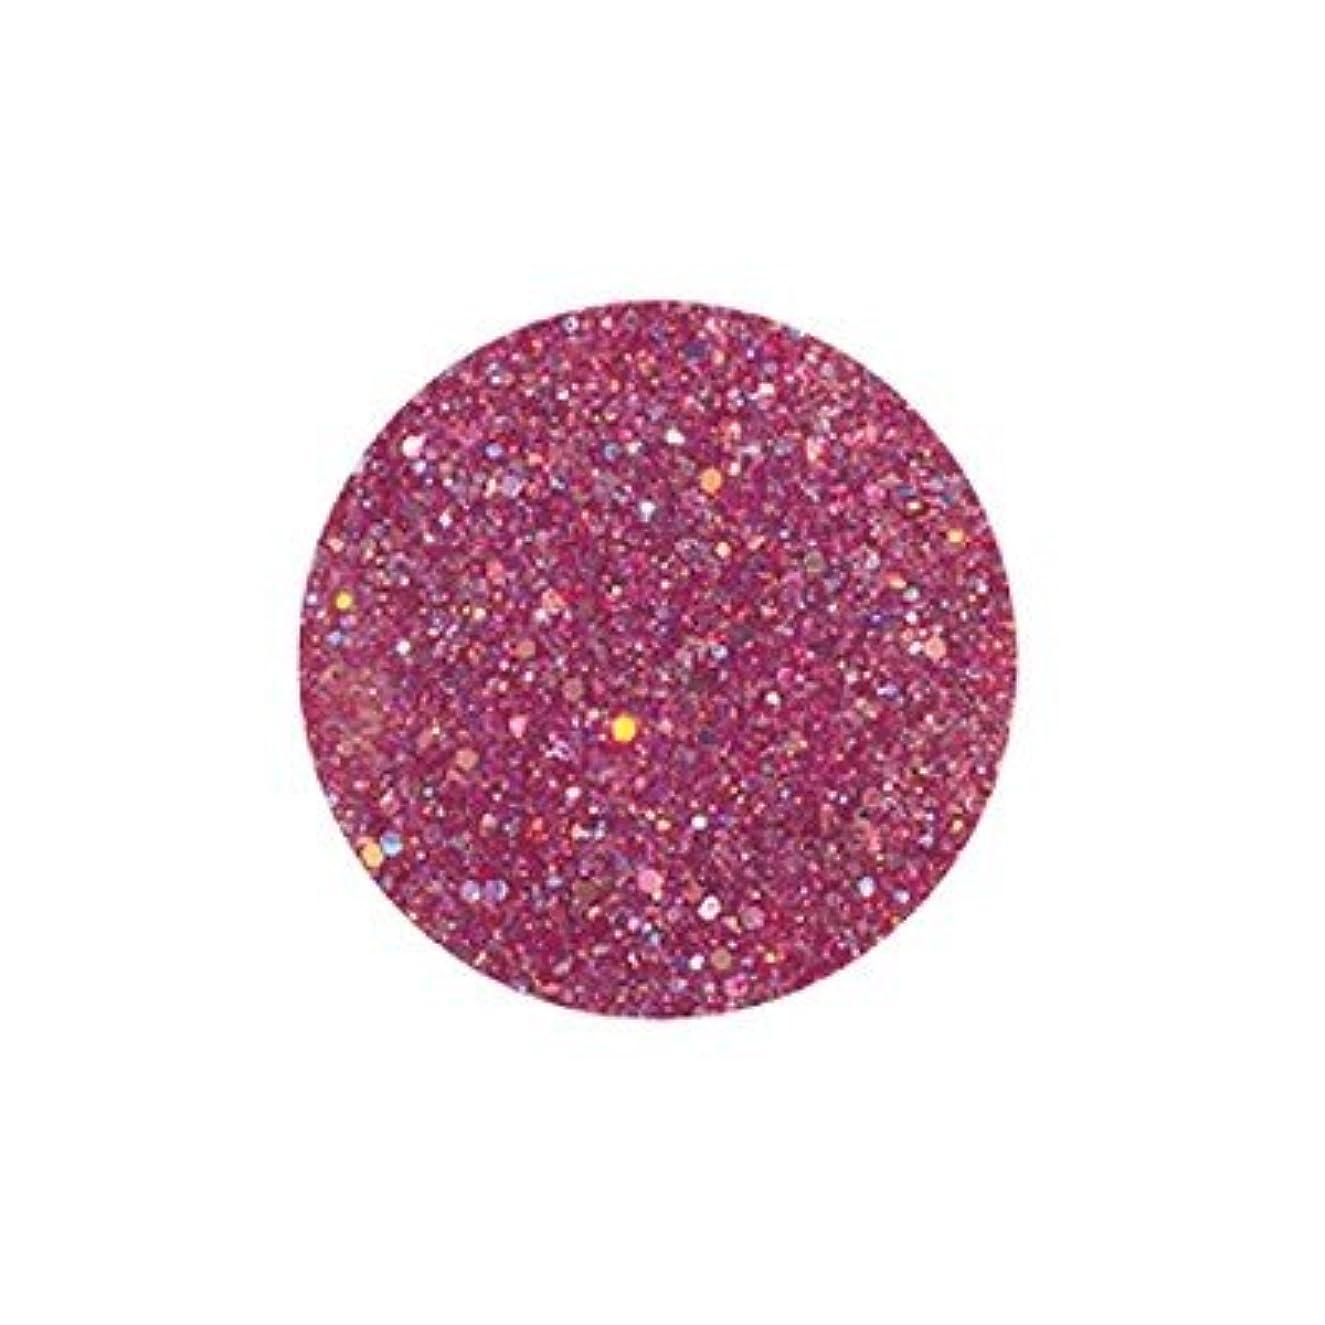 支配的健康海外でFANTASY NAIL ダイヤモンドコレクション 3g 4259XS カラーパウダー アート材